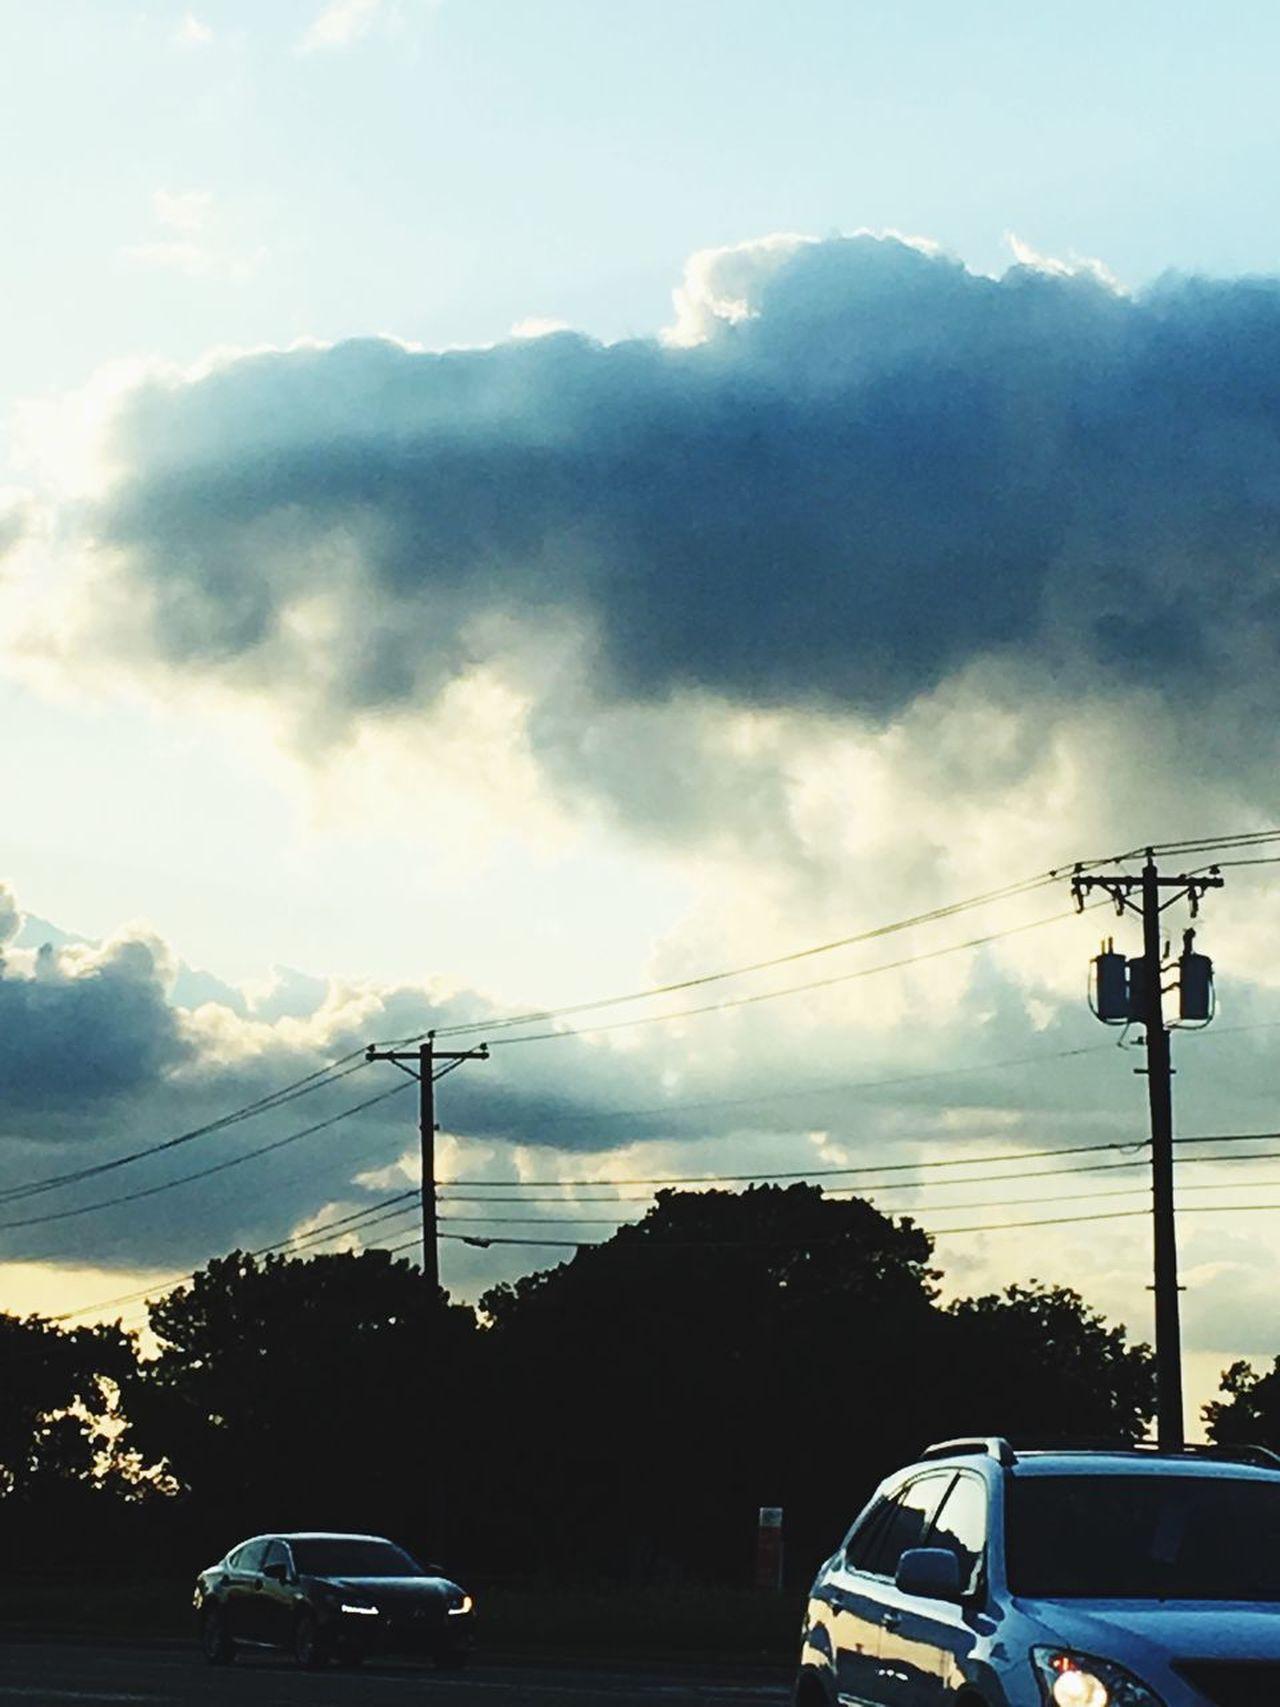 Cloud - Sky Sunset Sky Power Line  Car Transportation Electricity  Clouds And Sky Cloudscape Sunbeam